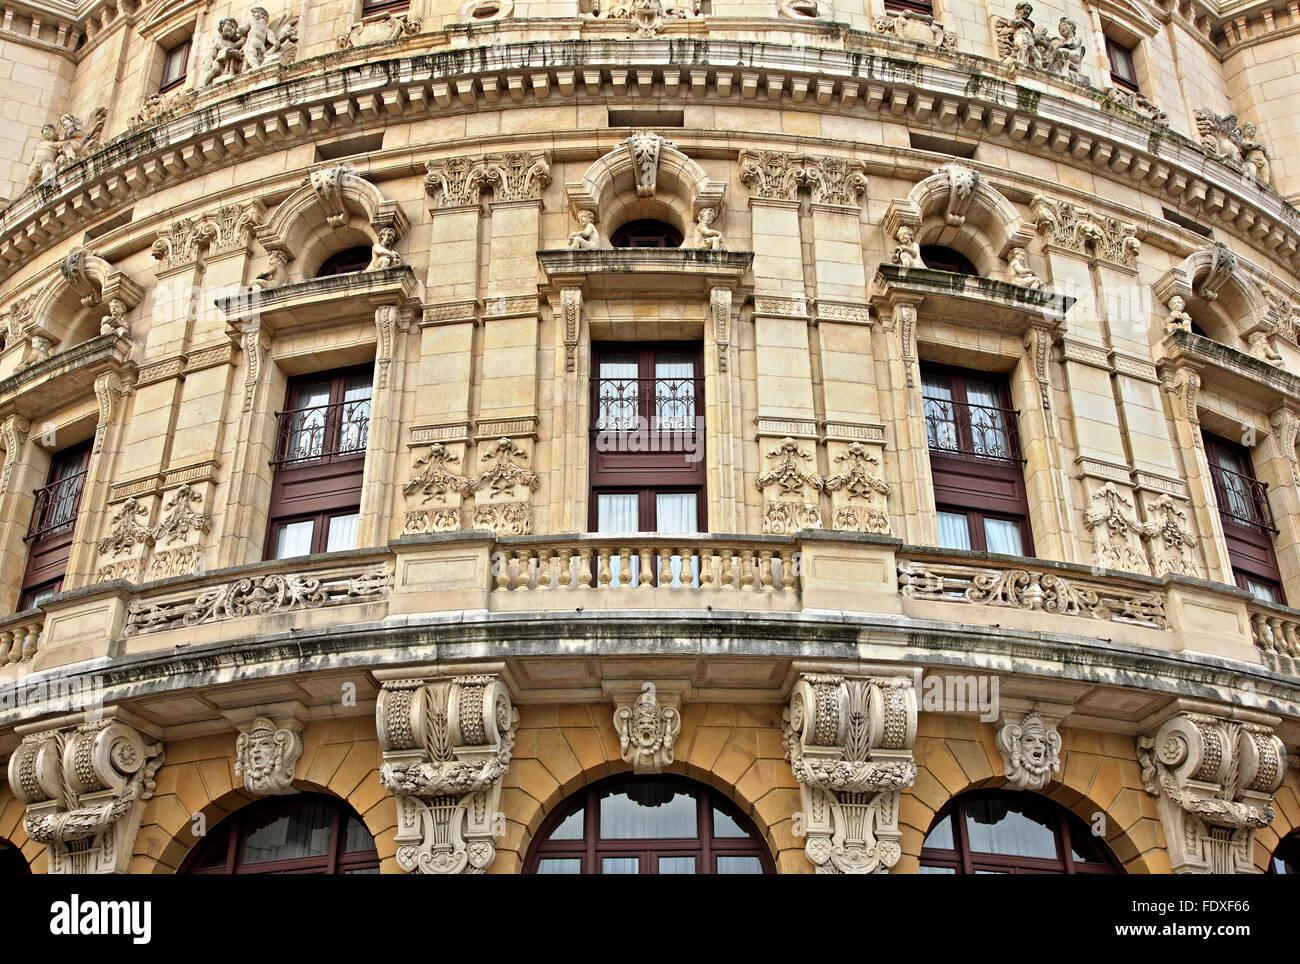 'Detail' aus der Fassade des Arriaga Theater an der Casco Viejo (Altstadt) von Bilbao, Baskenland, Spanien. Stockbild